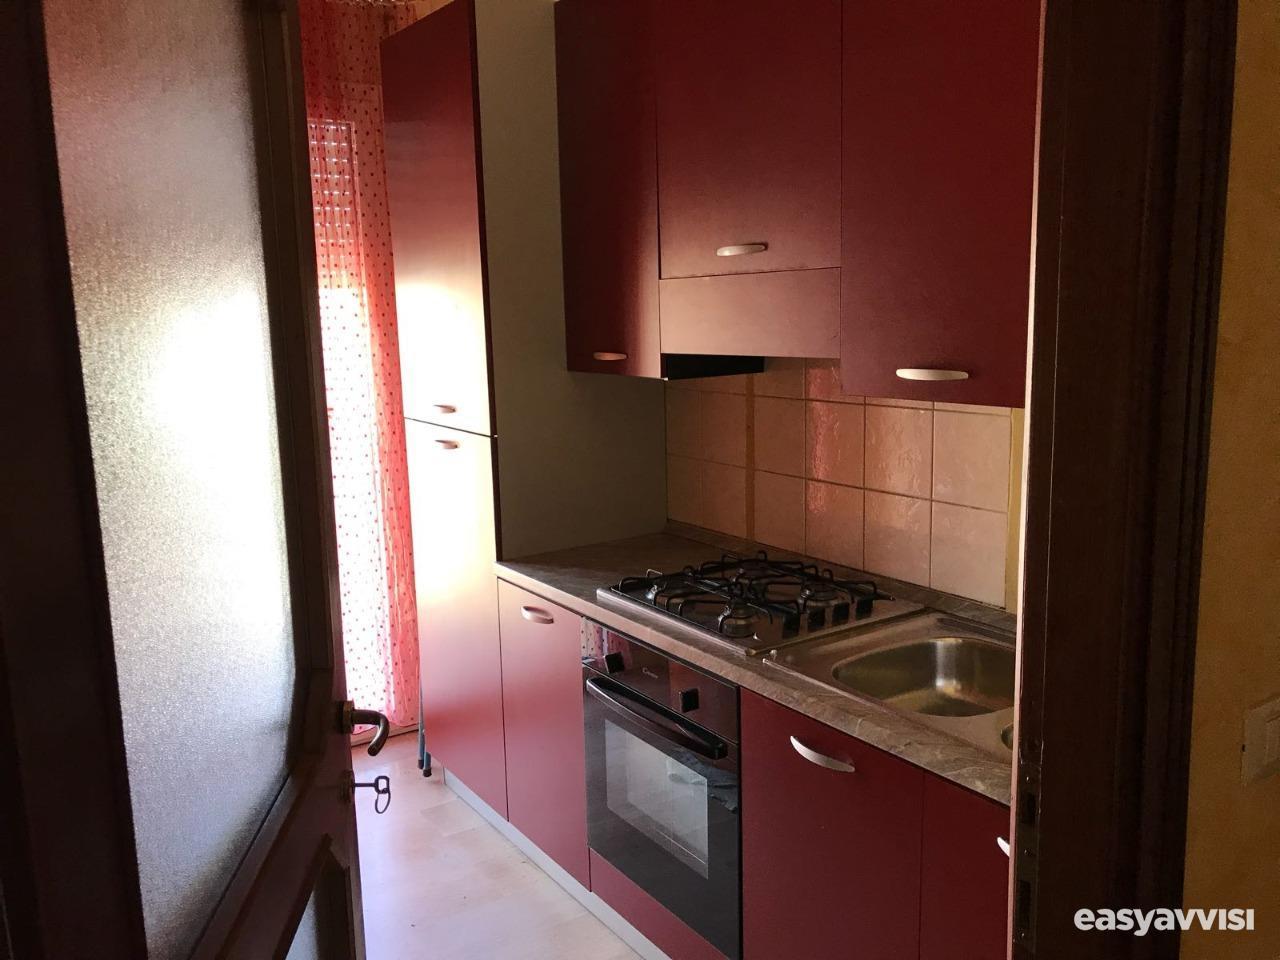 Appartamento arredato avellino centro, provincia di avellino